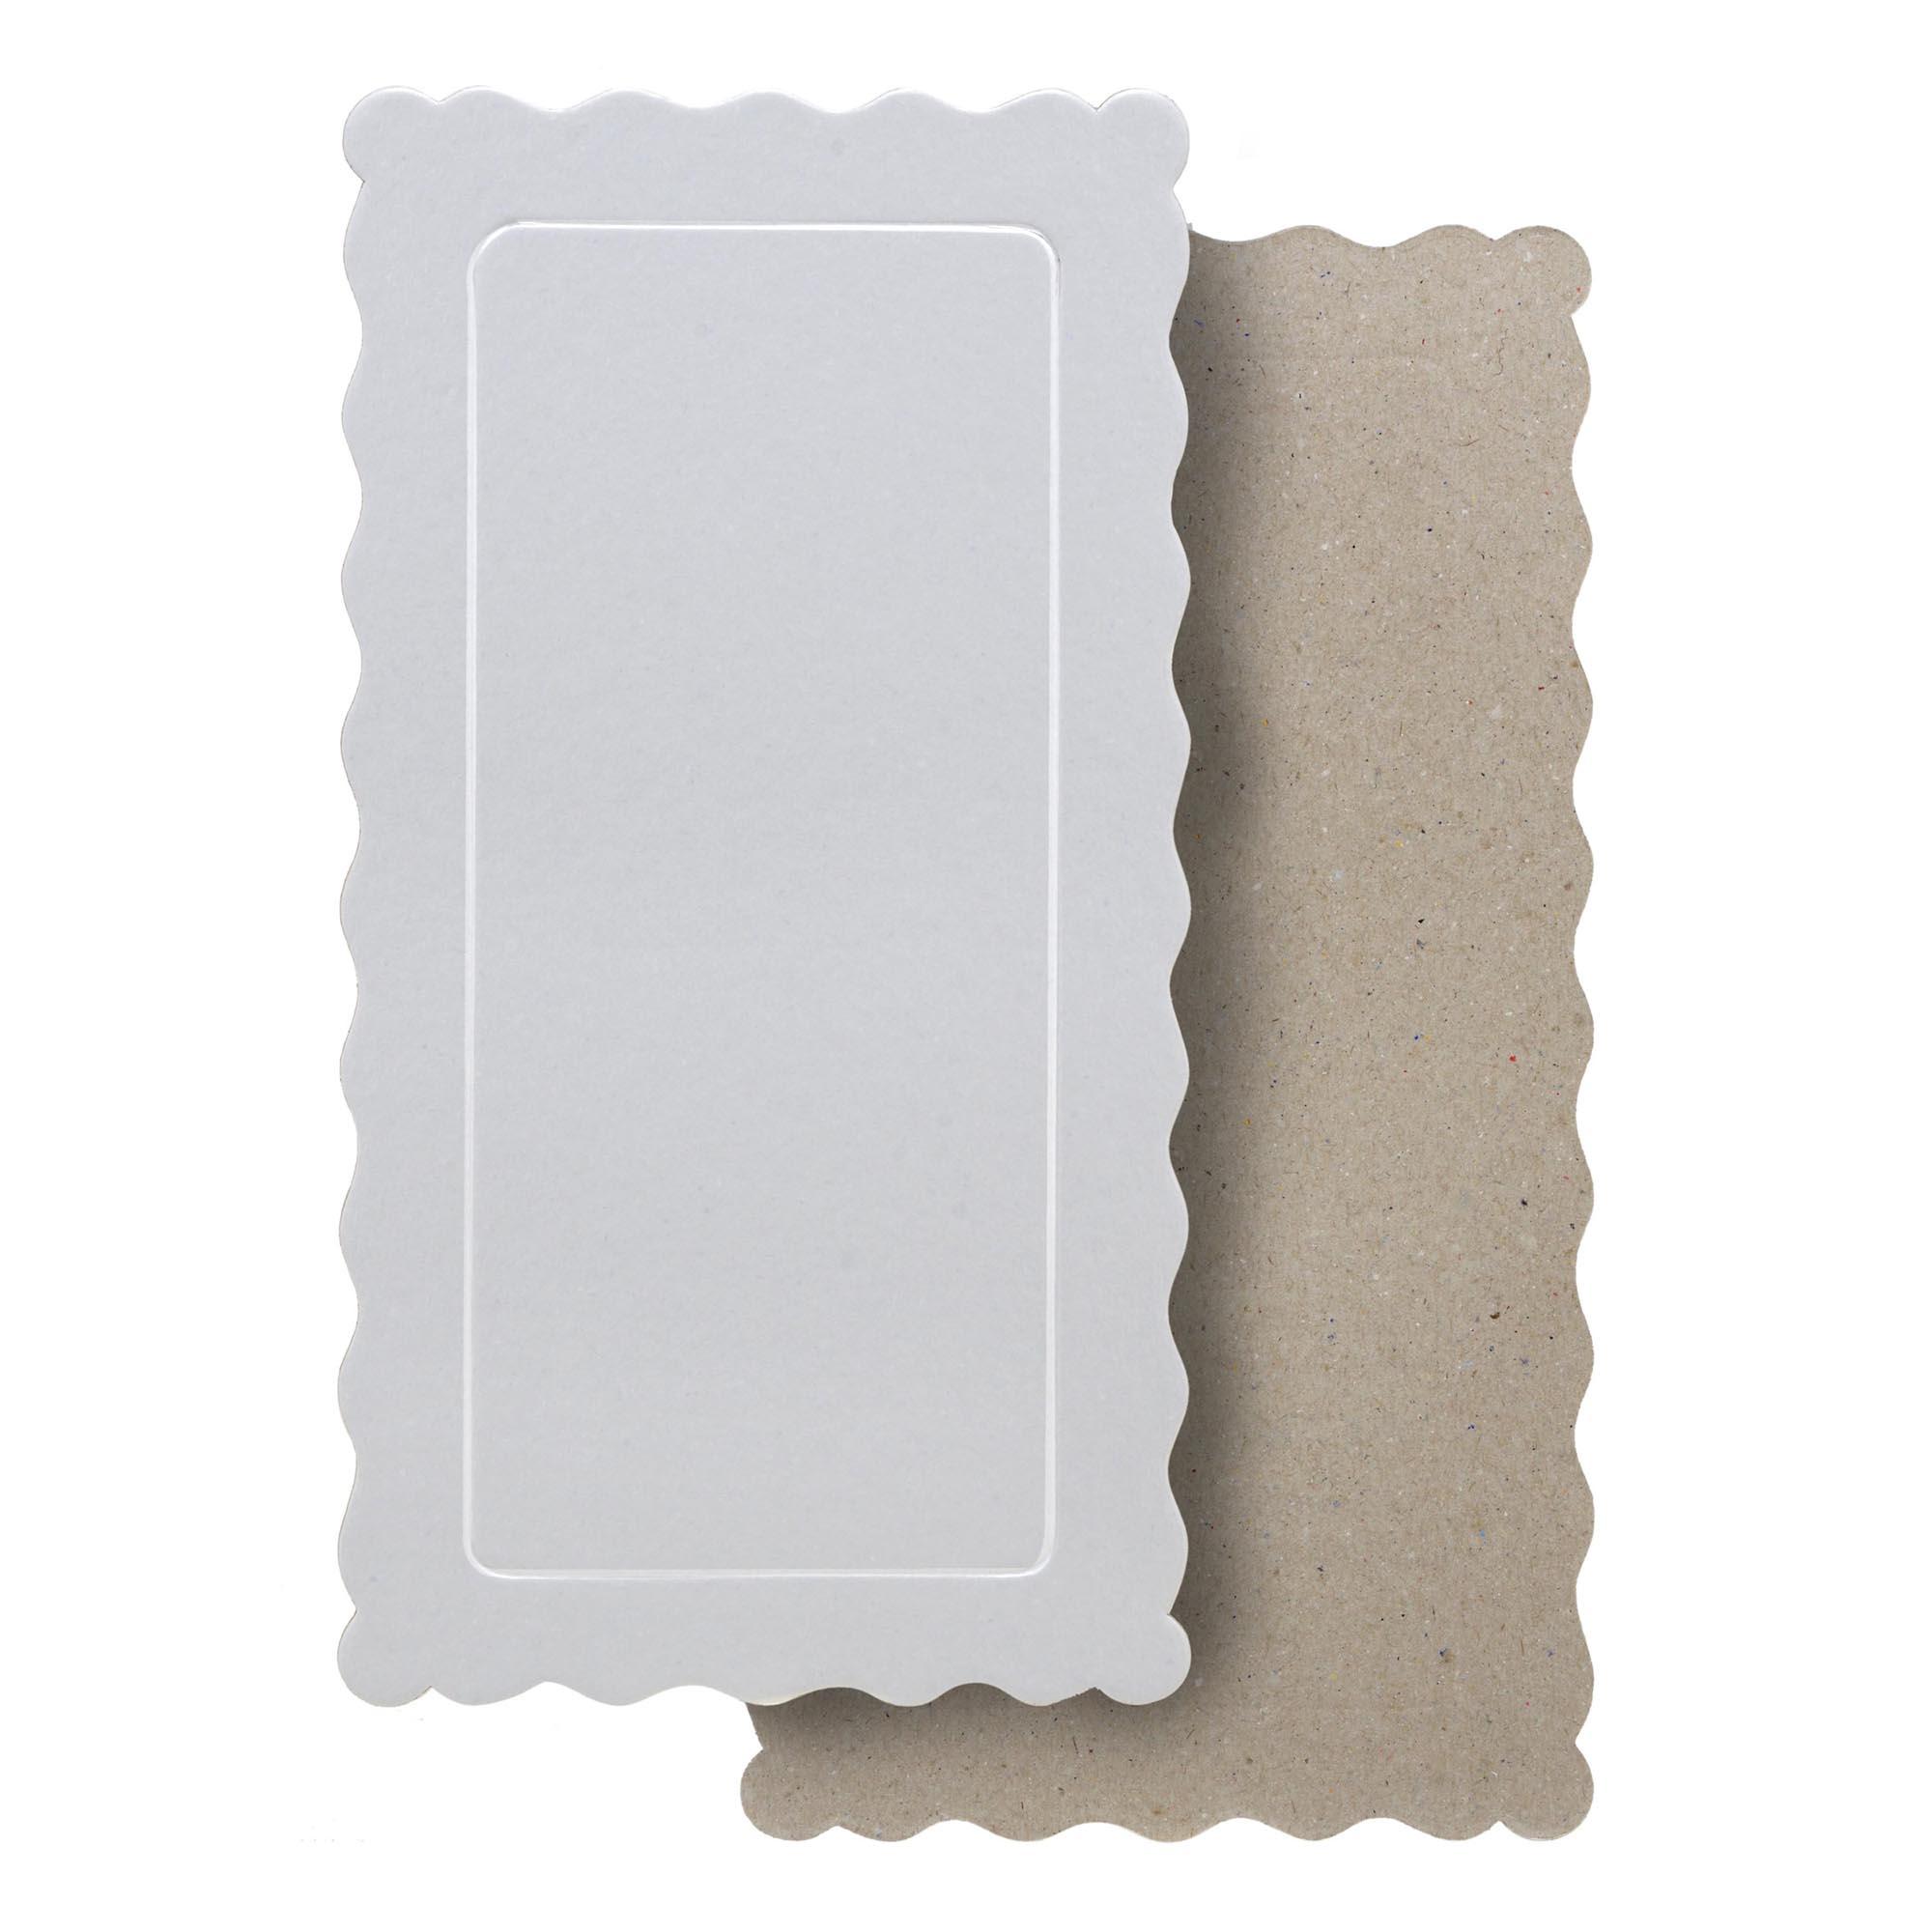 50 Bases Laminadas Para Bolo Retangular, Cake Board 29x15cm - Branco